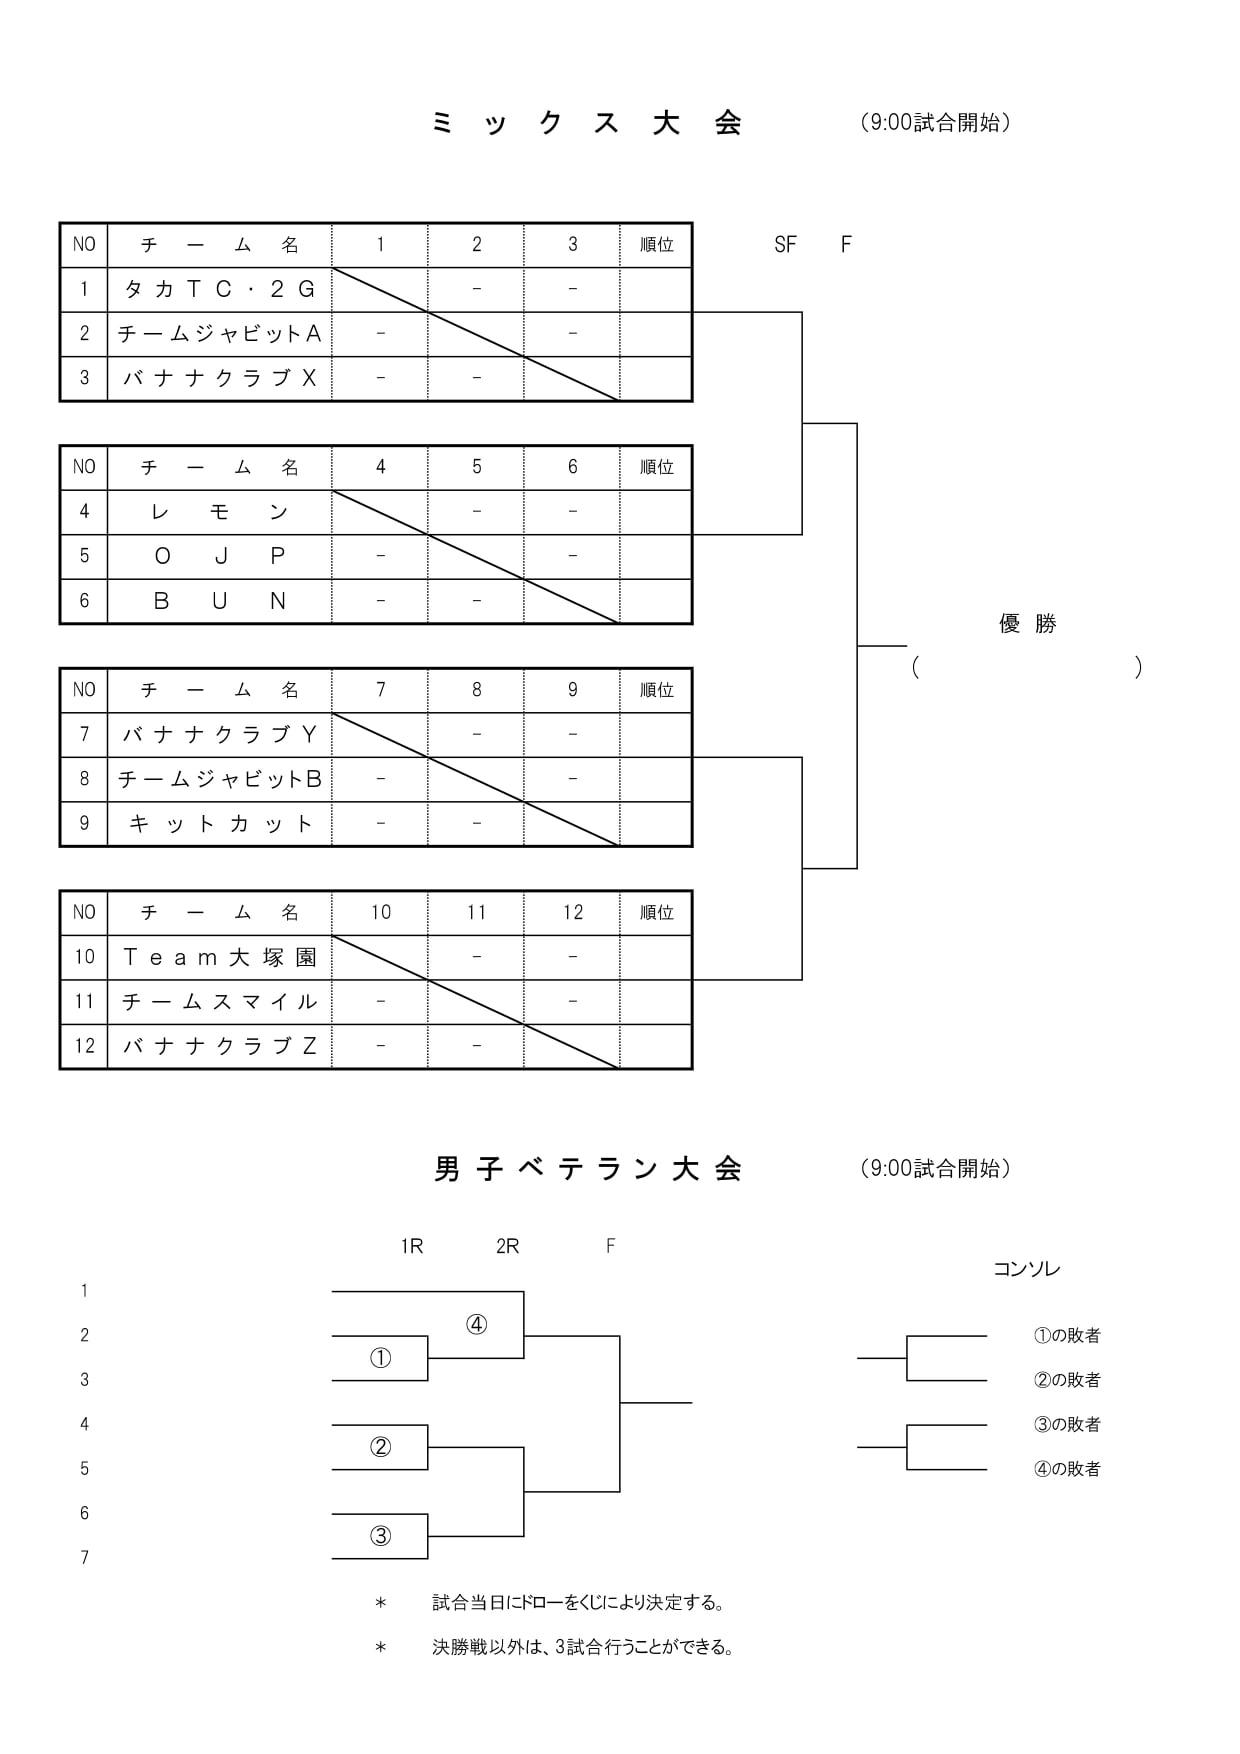 2019年11月今野杯・秋季クラブ対抗テニス大会ミックス大会ドロー